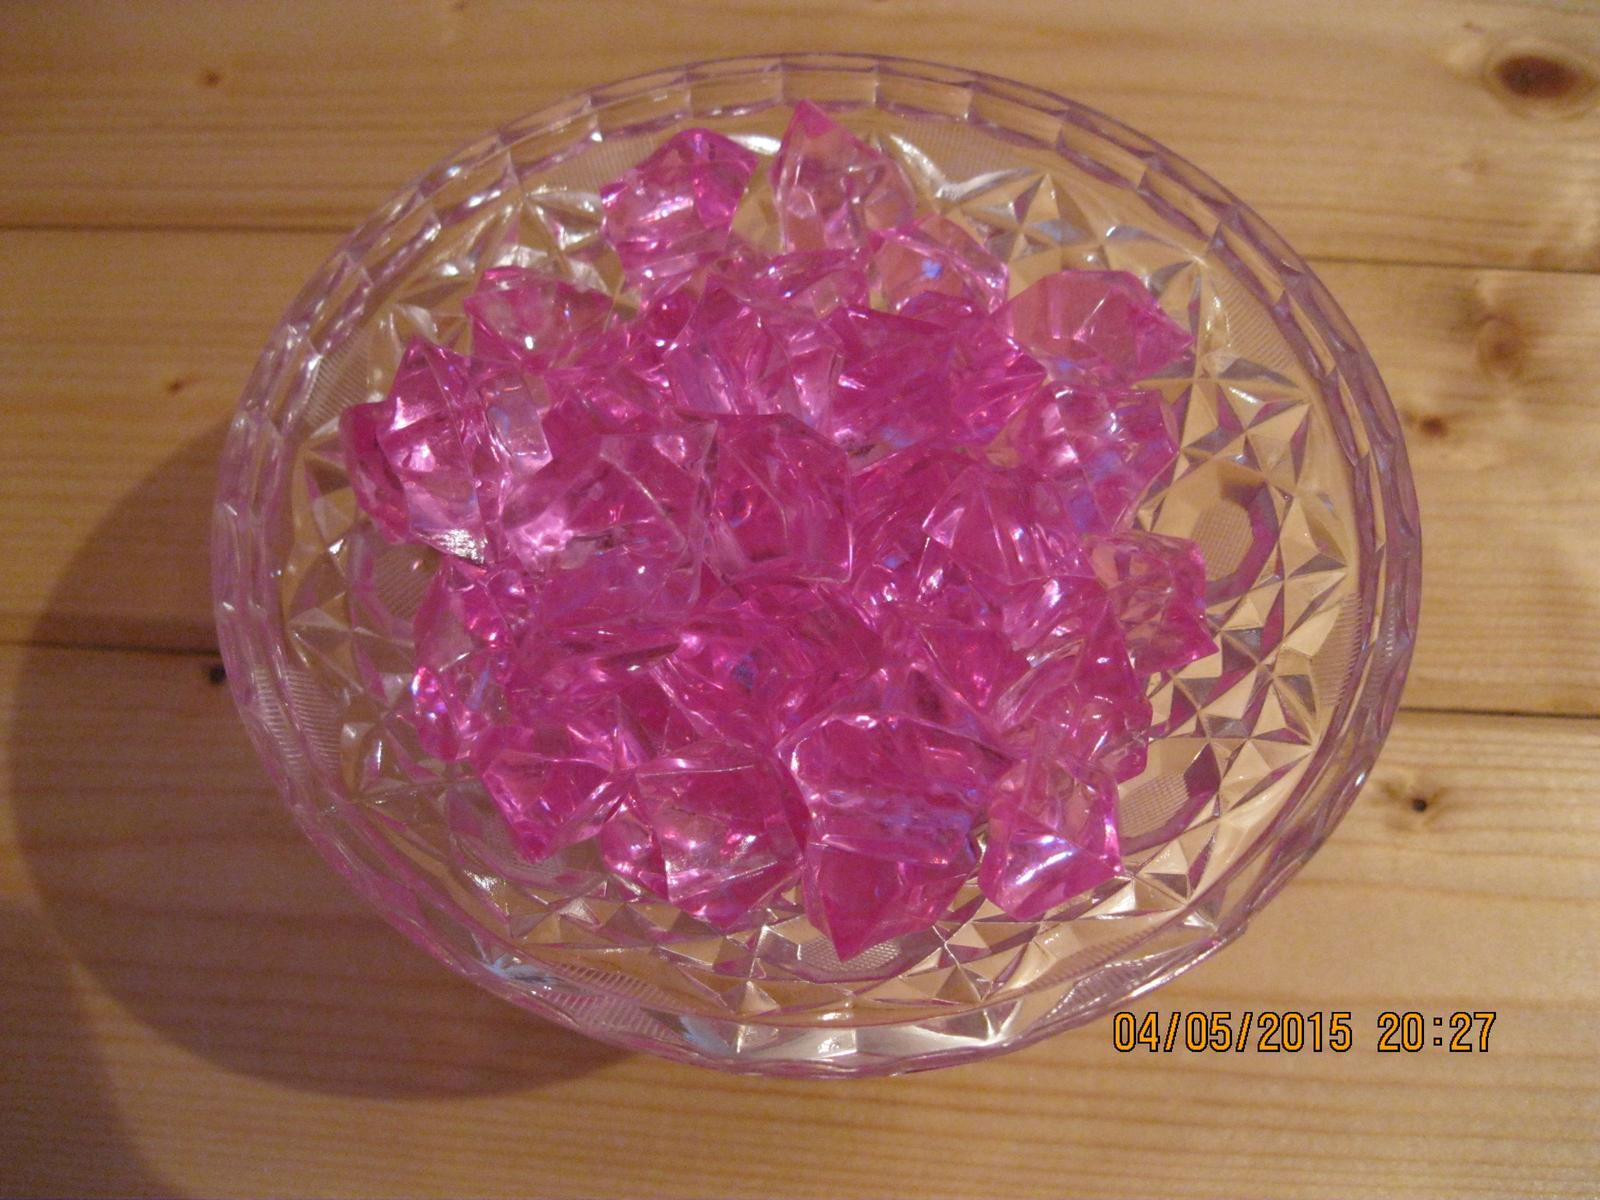 Kamínky růžové, 2,5 cm - Obrázek č. 1